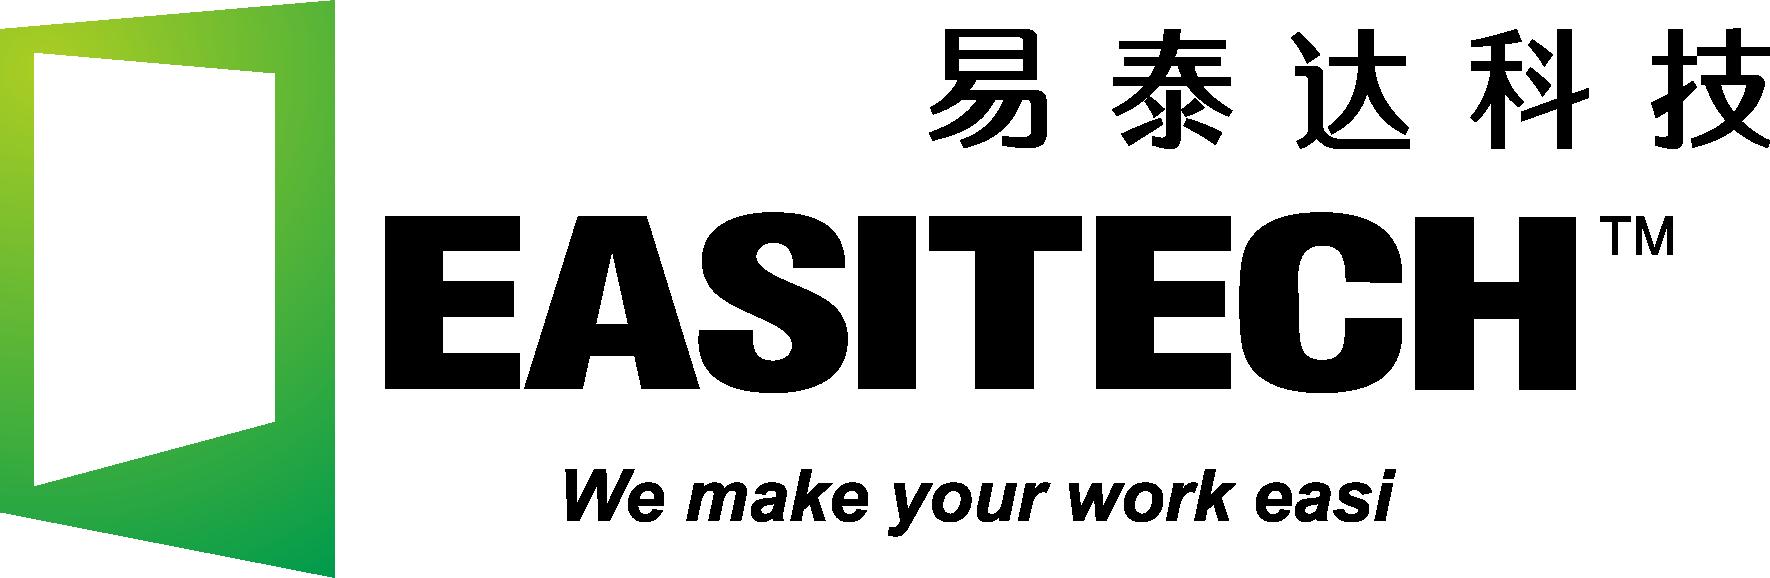 杭州鑫拓科技有限公司_澳门线上网投网址_葡京手机游戏_线上正规博彩游戏